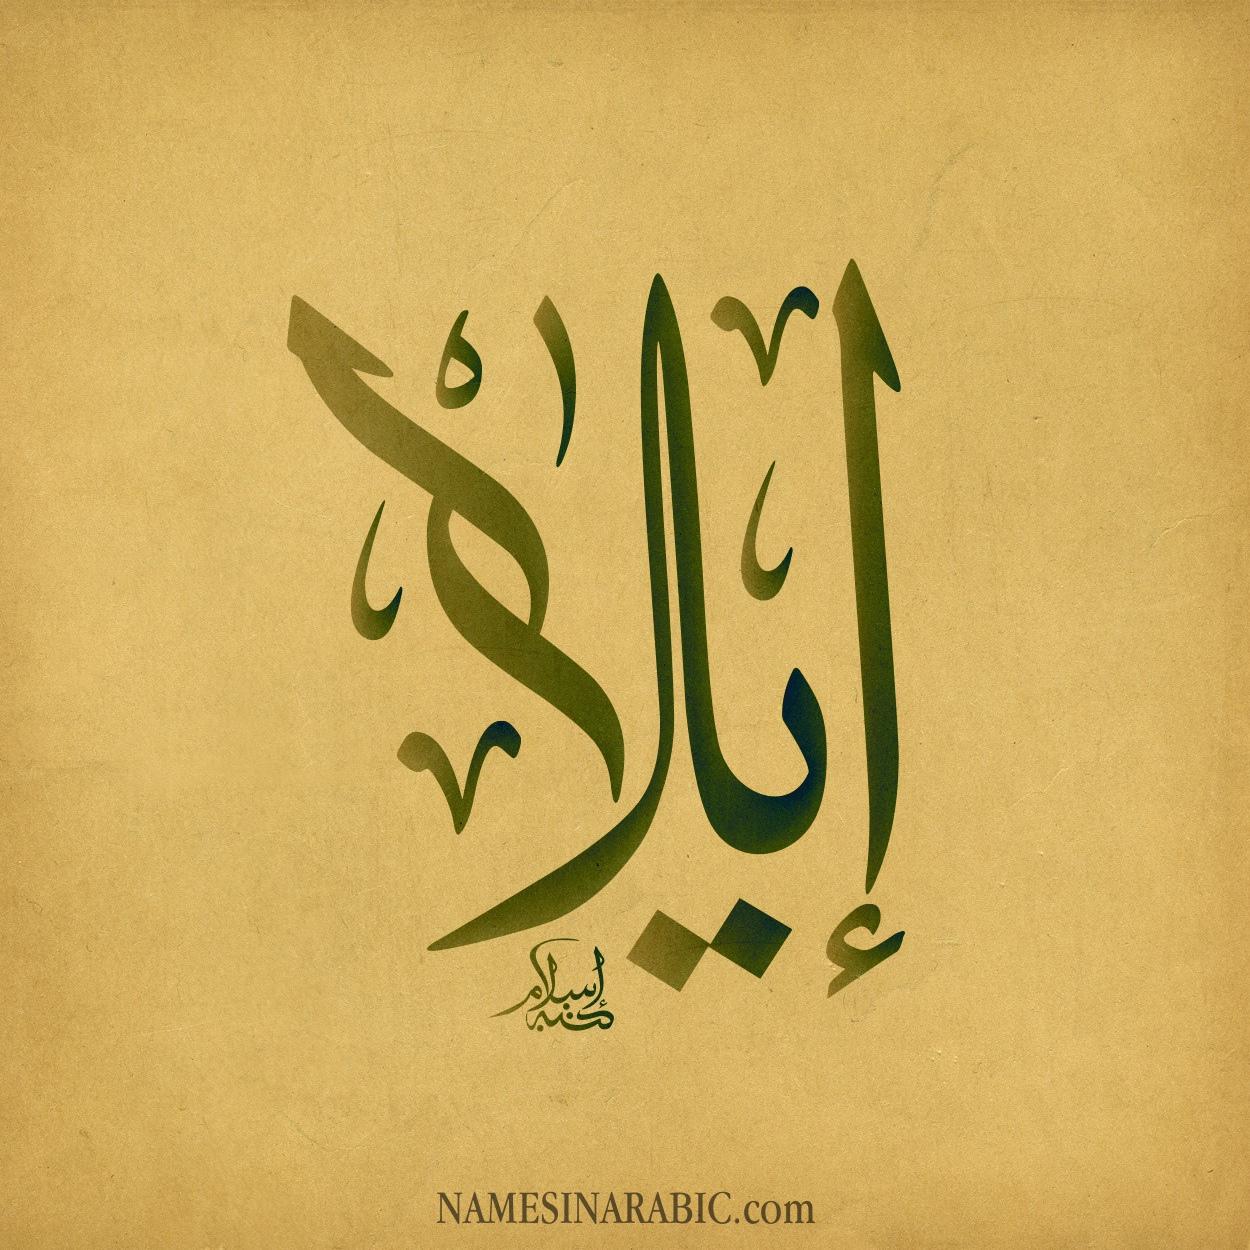 صورة اسم آيْلا Aila اسم آيْلا بالخط العربي من موقع الأسماء بالخط العربي بريشة الفنان إسلام ابن الفضل